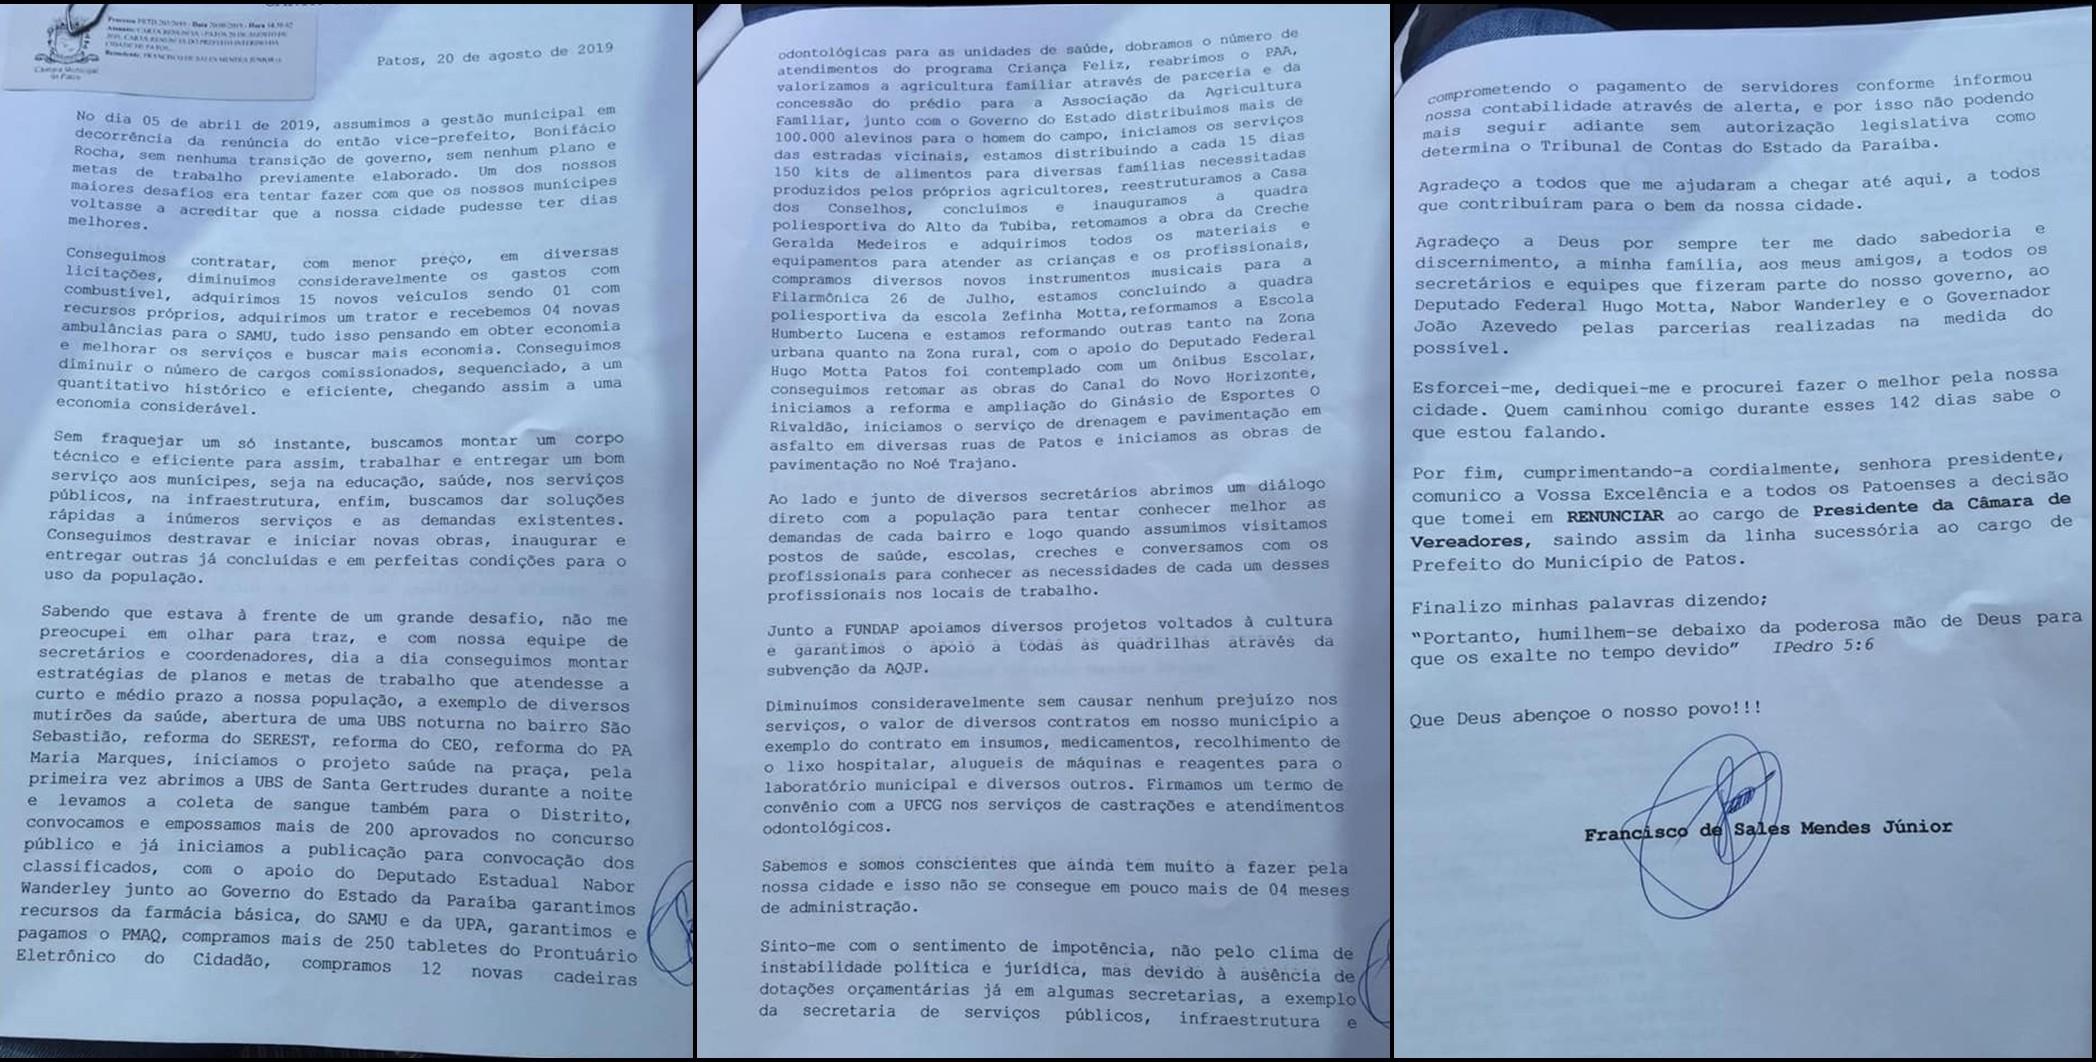 Prefeito em exercício de Patos, PB, Sales Júnior, renuncia ao cargo - Notícias - Plantão Diário